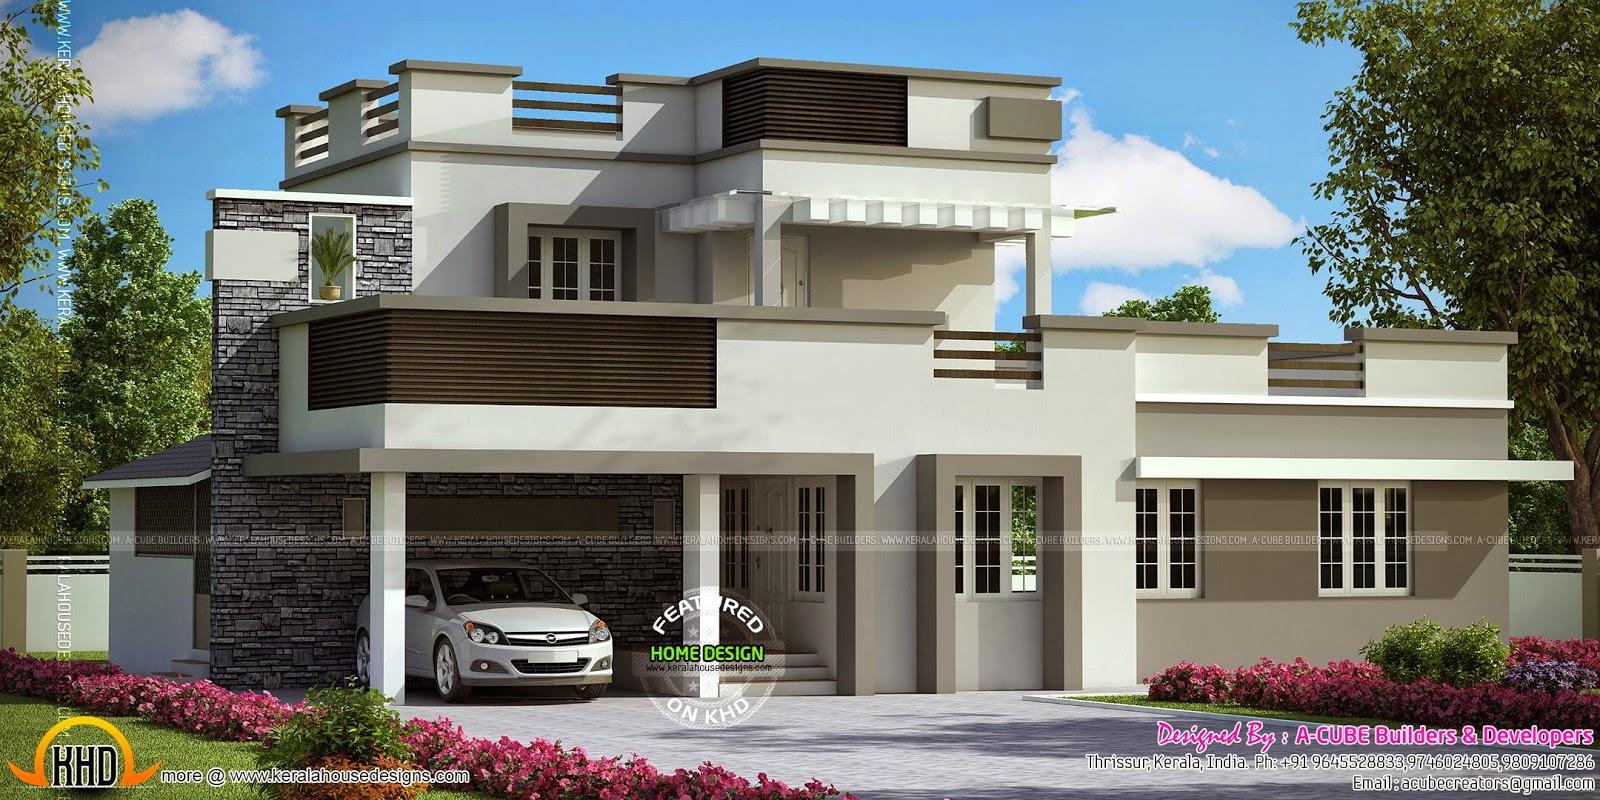 on zil house design elevation